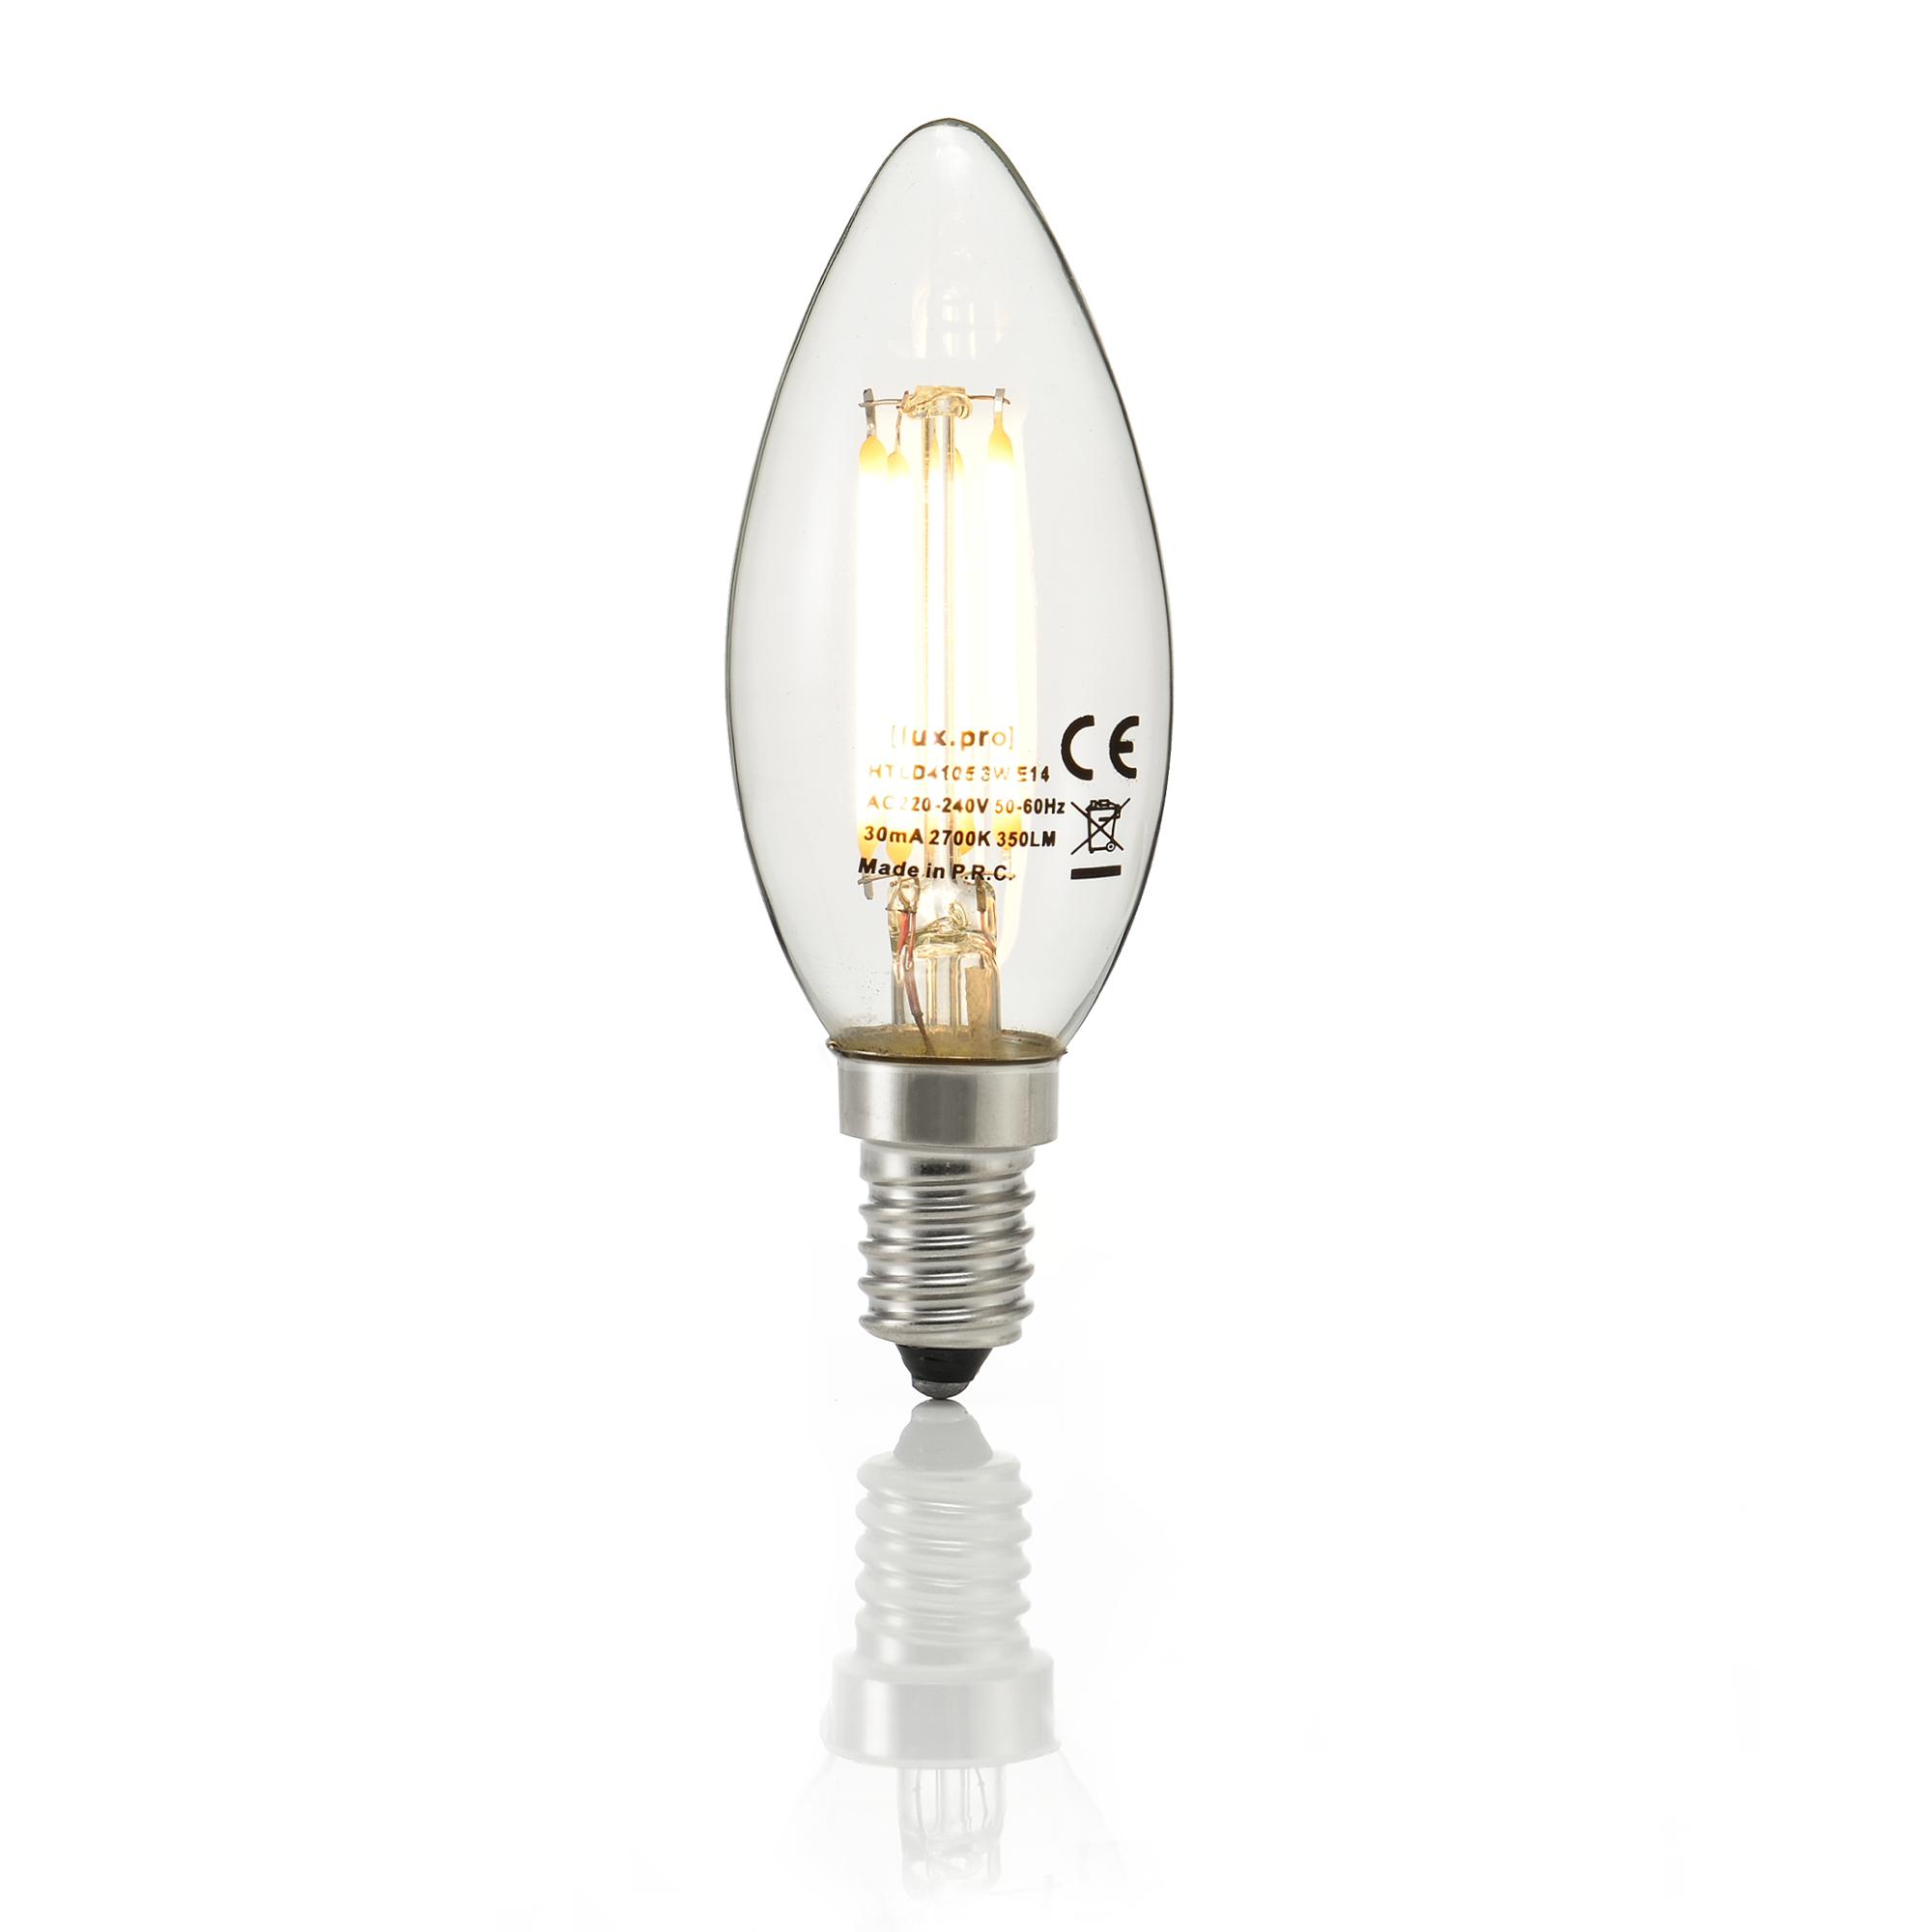 led e14 e27 warmwei filament leuchtmittel 2700k kerze gl hlampe birne ebay. Black Bedroom Furniture Sets. Home Design Ideas